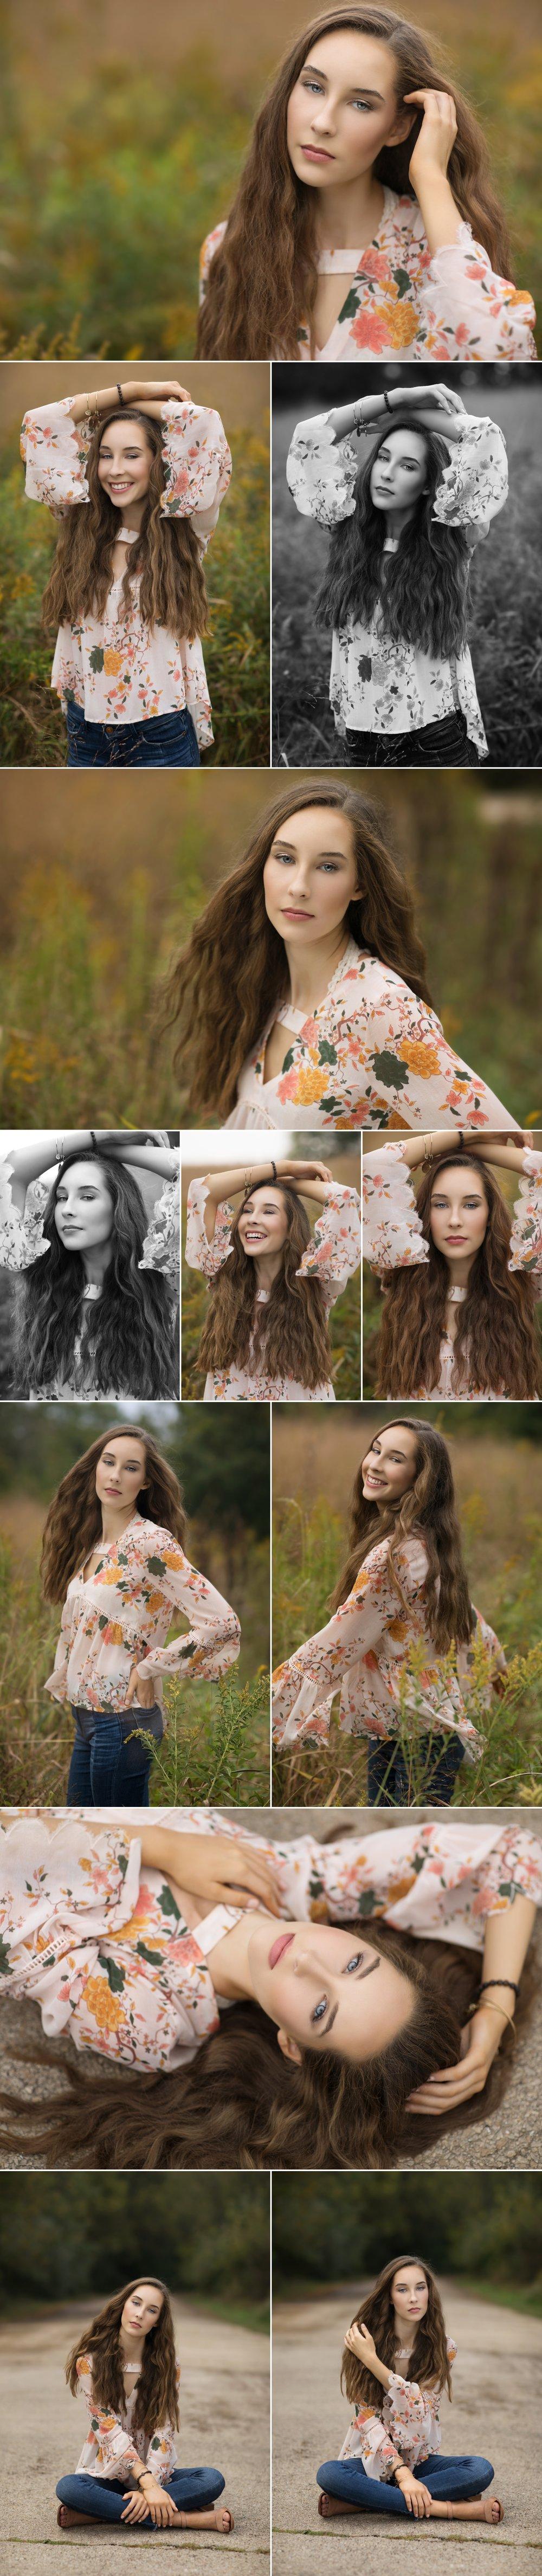 Julia Dennison 5.jpg